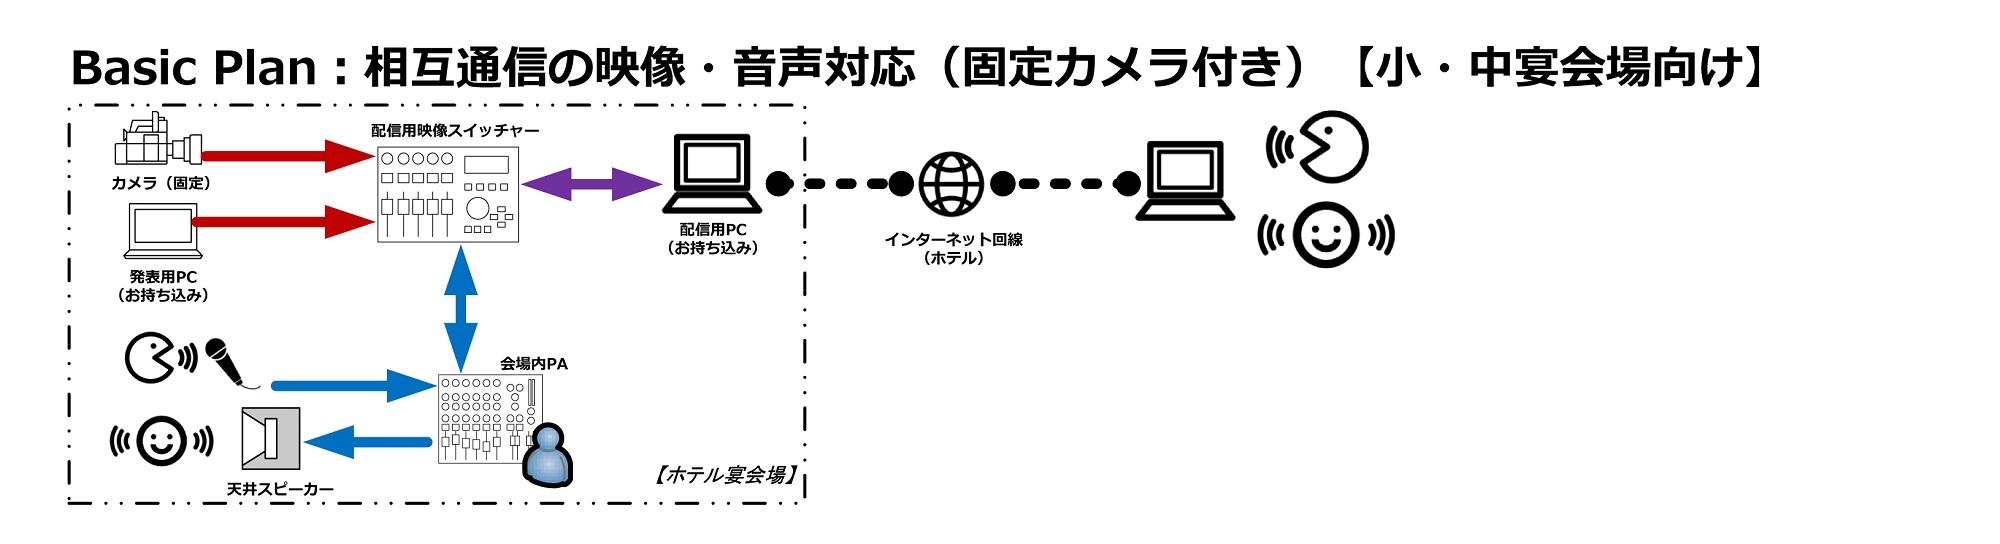 Basic Plan1.jpg